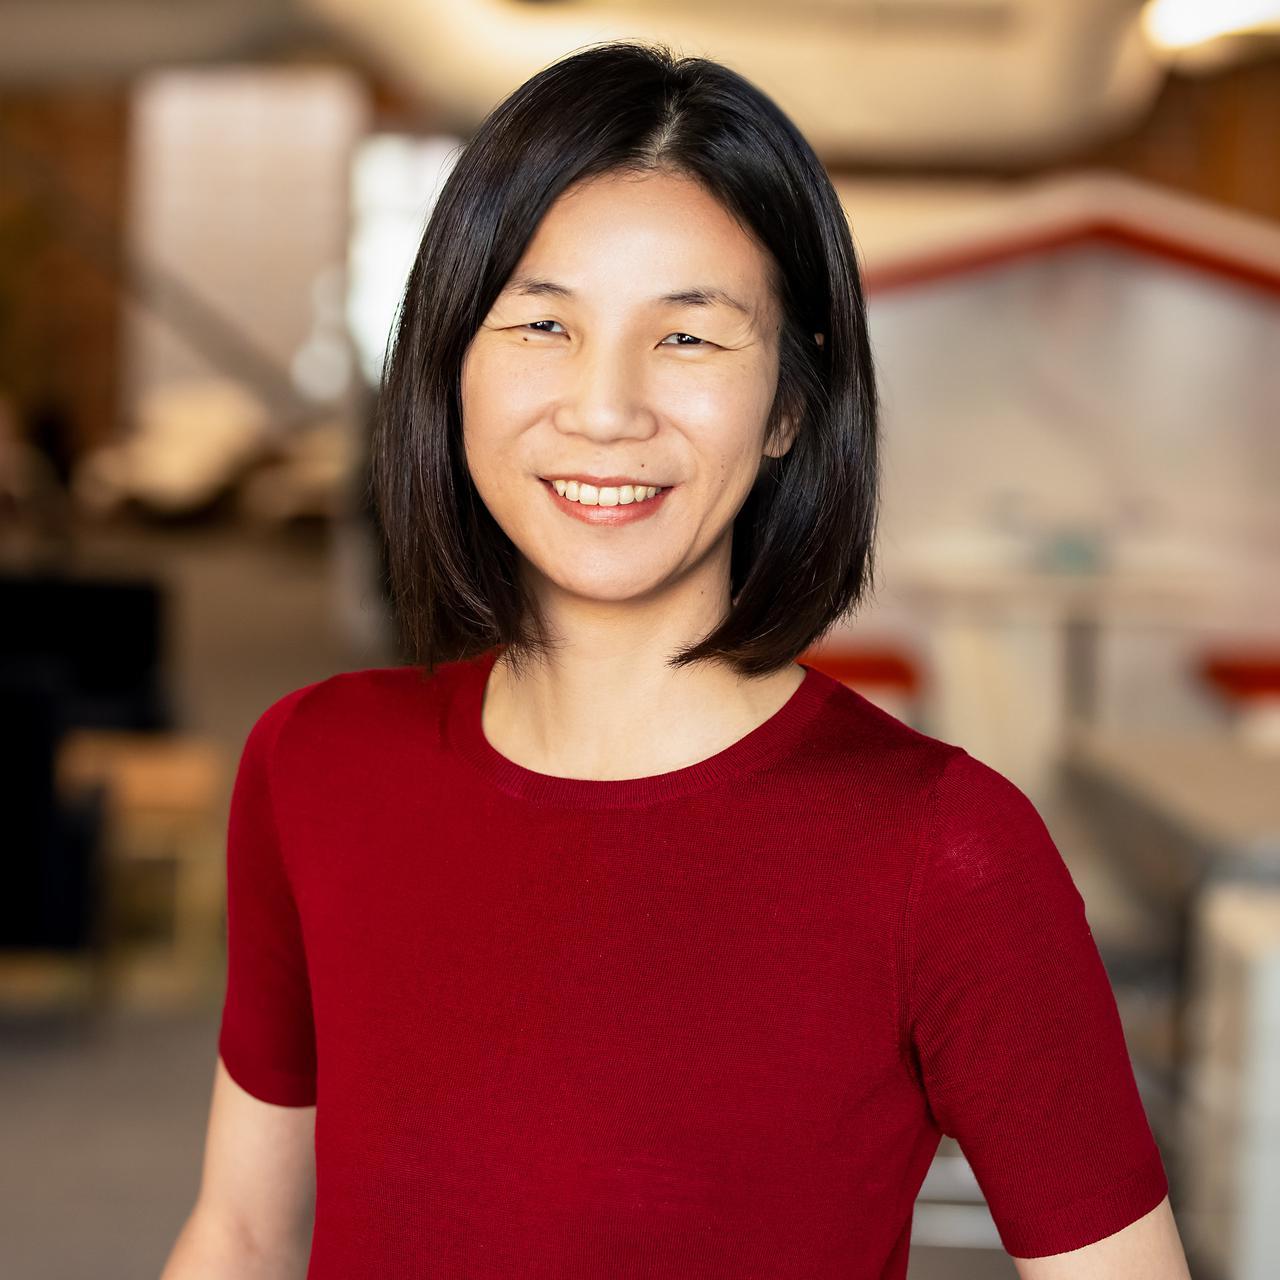 画像: Jeannie Yang カリフォルニア大学バークレー校学士(電気工学、情報工学)、修士課程修了(経営情報学)。20年以上にわたり、Yahoo!やSmuleを始めとする米国のデジタル企業で、最先端のソフトウェアエンジニアリングとプロダクト開発を経験。手掛けた分野は、ソーシャル、モバイル、メディア体験など多岐にわたる。2018年、スマートニュースのプロダクト担当シニア・ヴァイス・プレジデントに就任。月間2000万人以上が利用するアプリであるSmartNewsがプロダクトとして優れているか、未知のニュースが発見できるか、必要な情報が届けられているか、その全ての視点で開発を統括している。自ら特許を多数保有し、数個の学術論文も発表している、多才な存在である